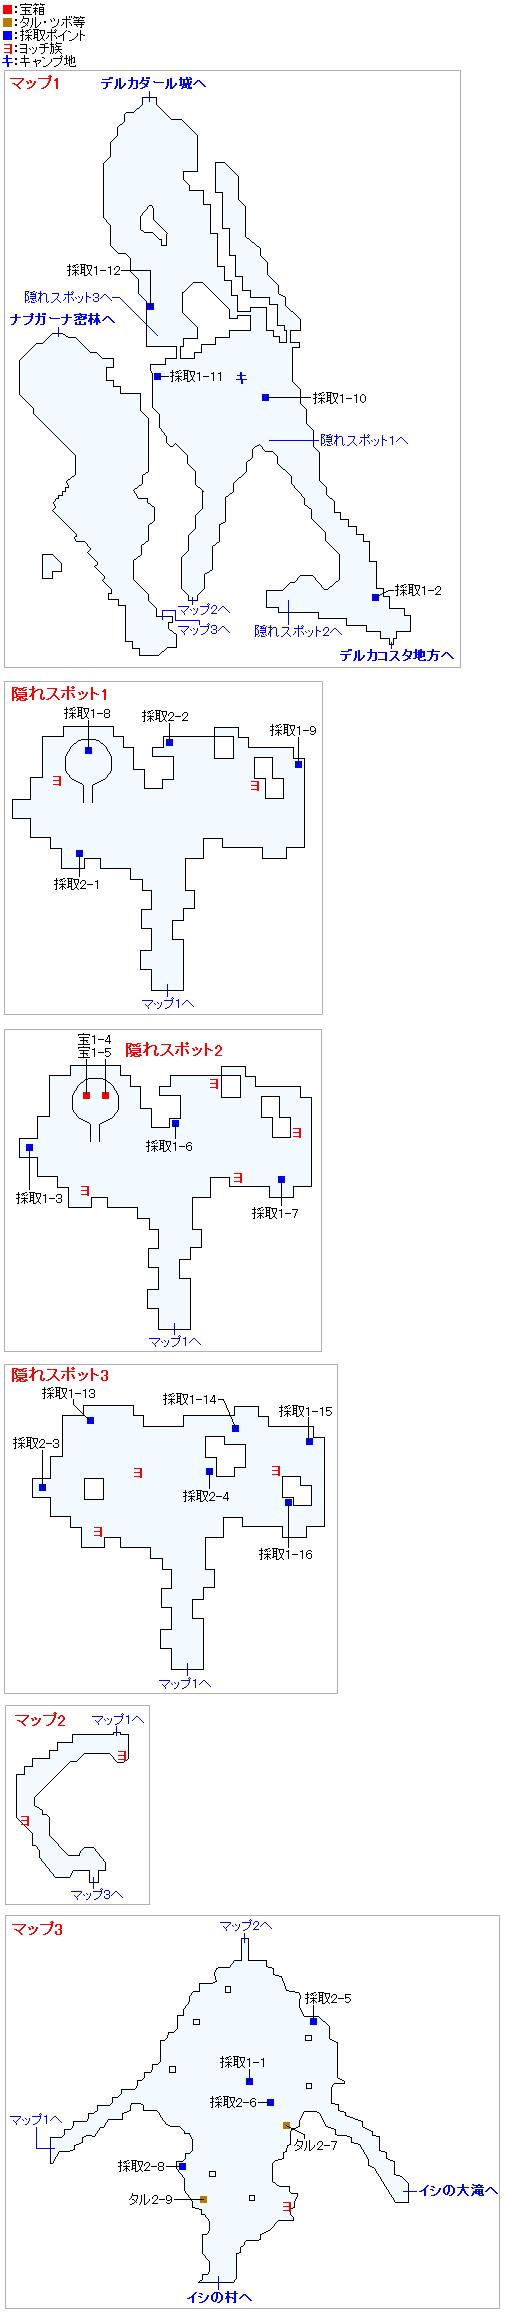 デルカダール地方(2Dモード)のマップ画像